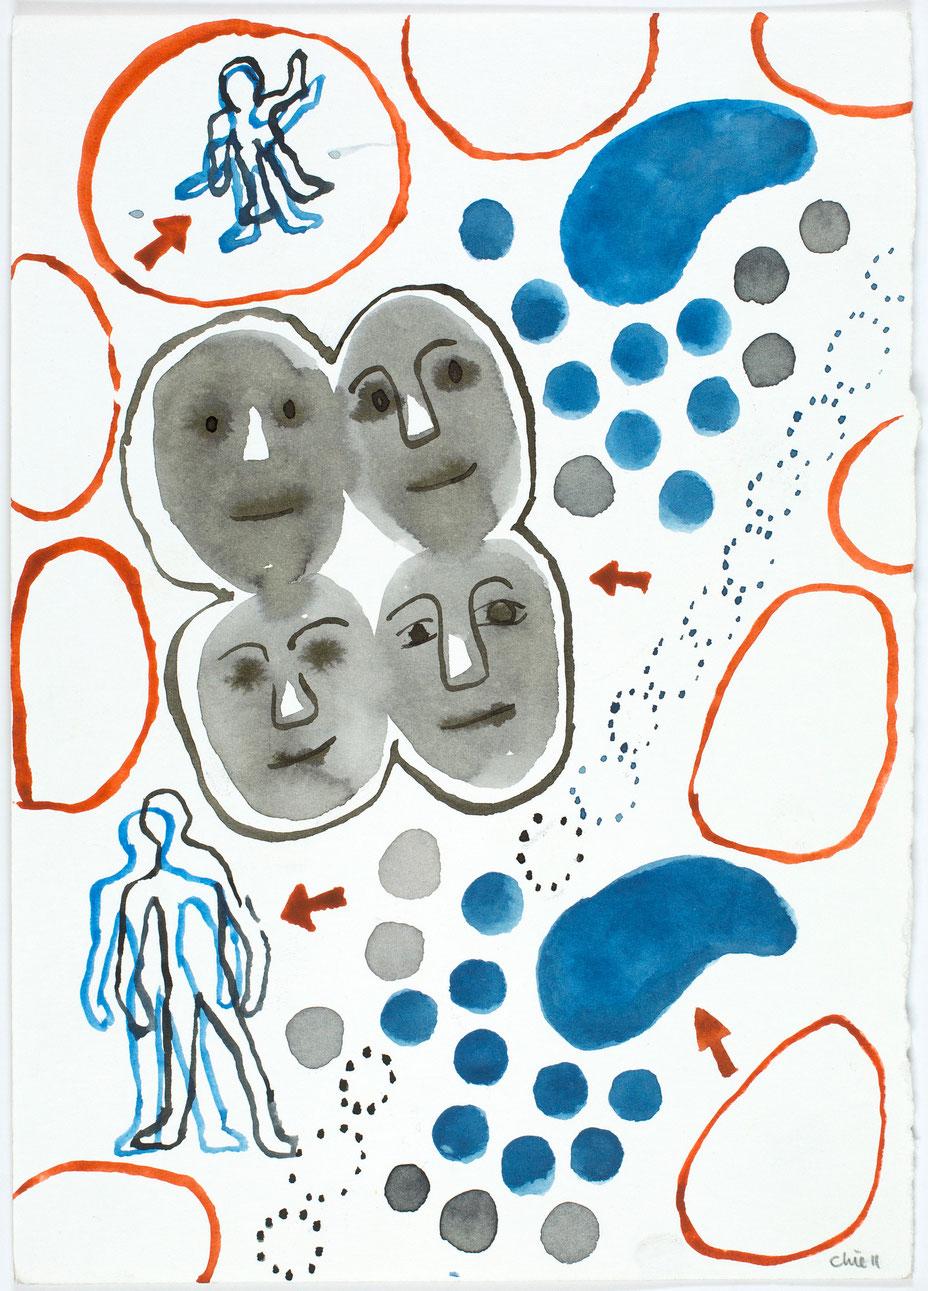 Thean Chie Chan kaufen Kunstwerk Original art work